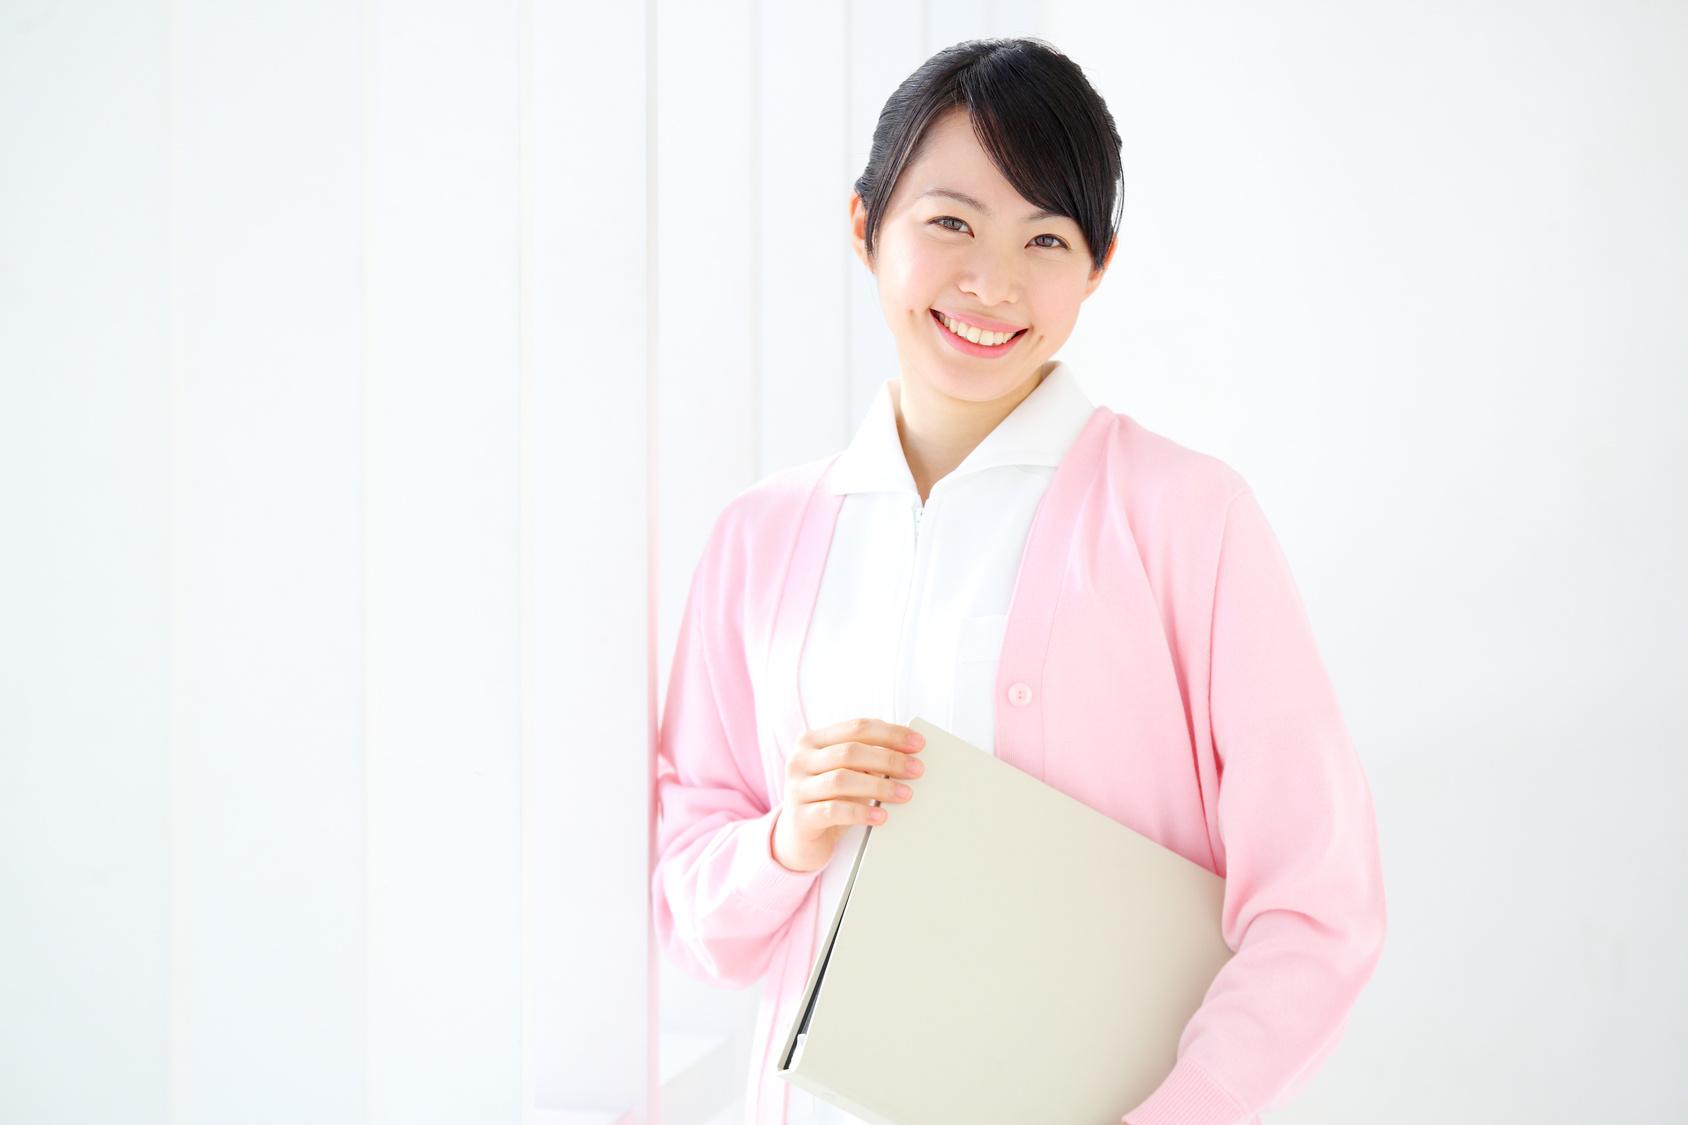 看護師を辞めて転職|転職後にも看護師資格を活か …